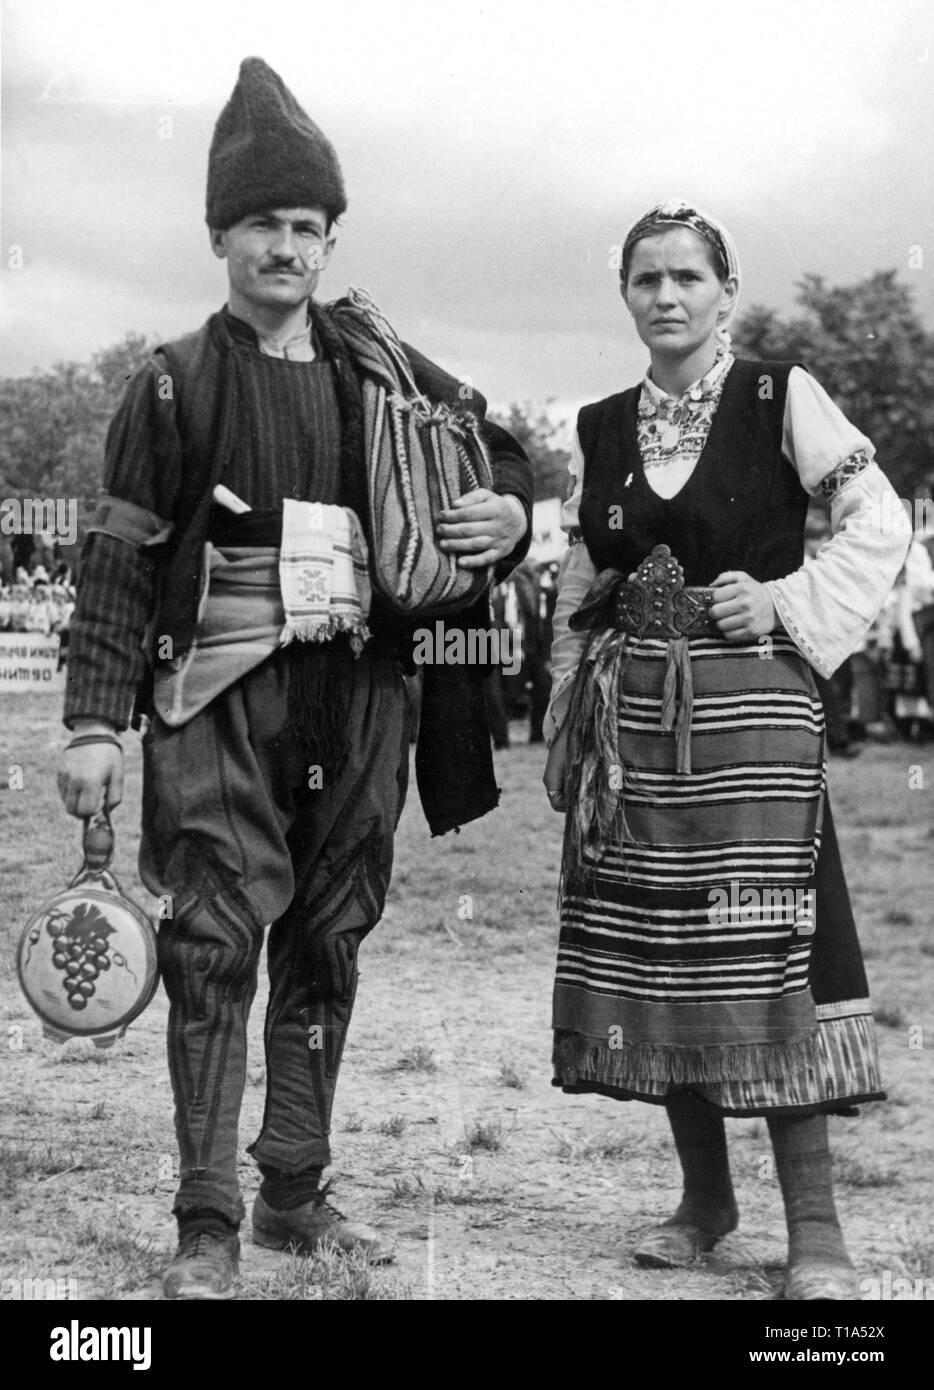 Geografía / viajes históricos, Bulgaria, el folclore, la pareja en traje nacional búlgaro, circa 1935-Clearance-Info Additional-Rights-Not-Available Imagen De Stock